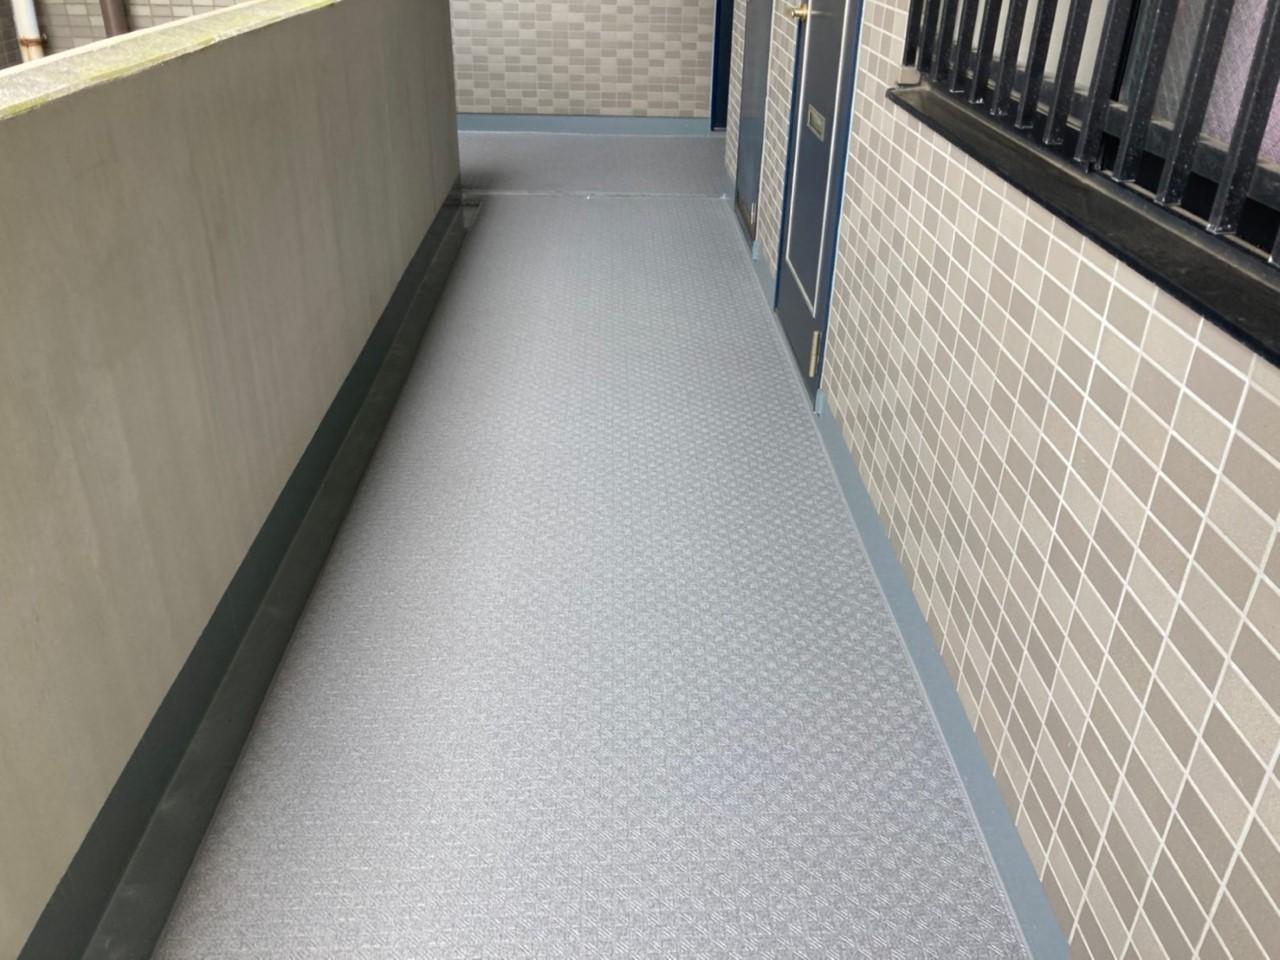 マンション共用廊下への防滑性ビニル床シート貼り+ウレタン線防水